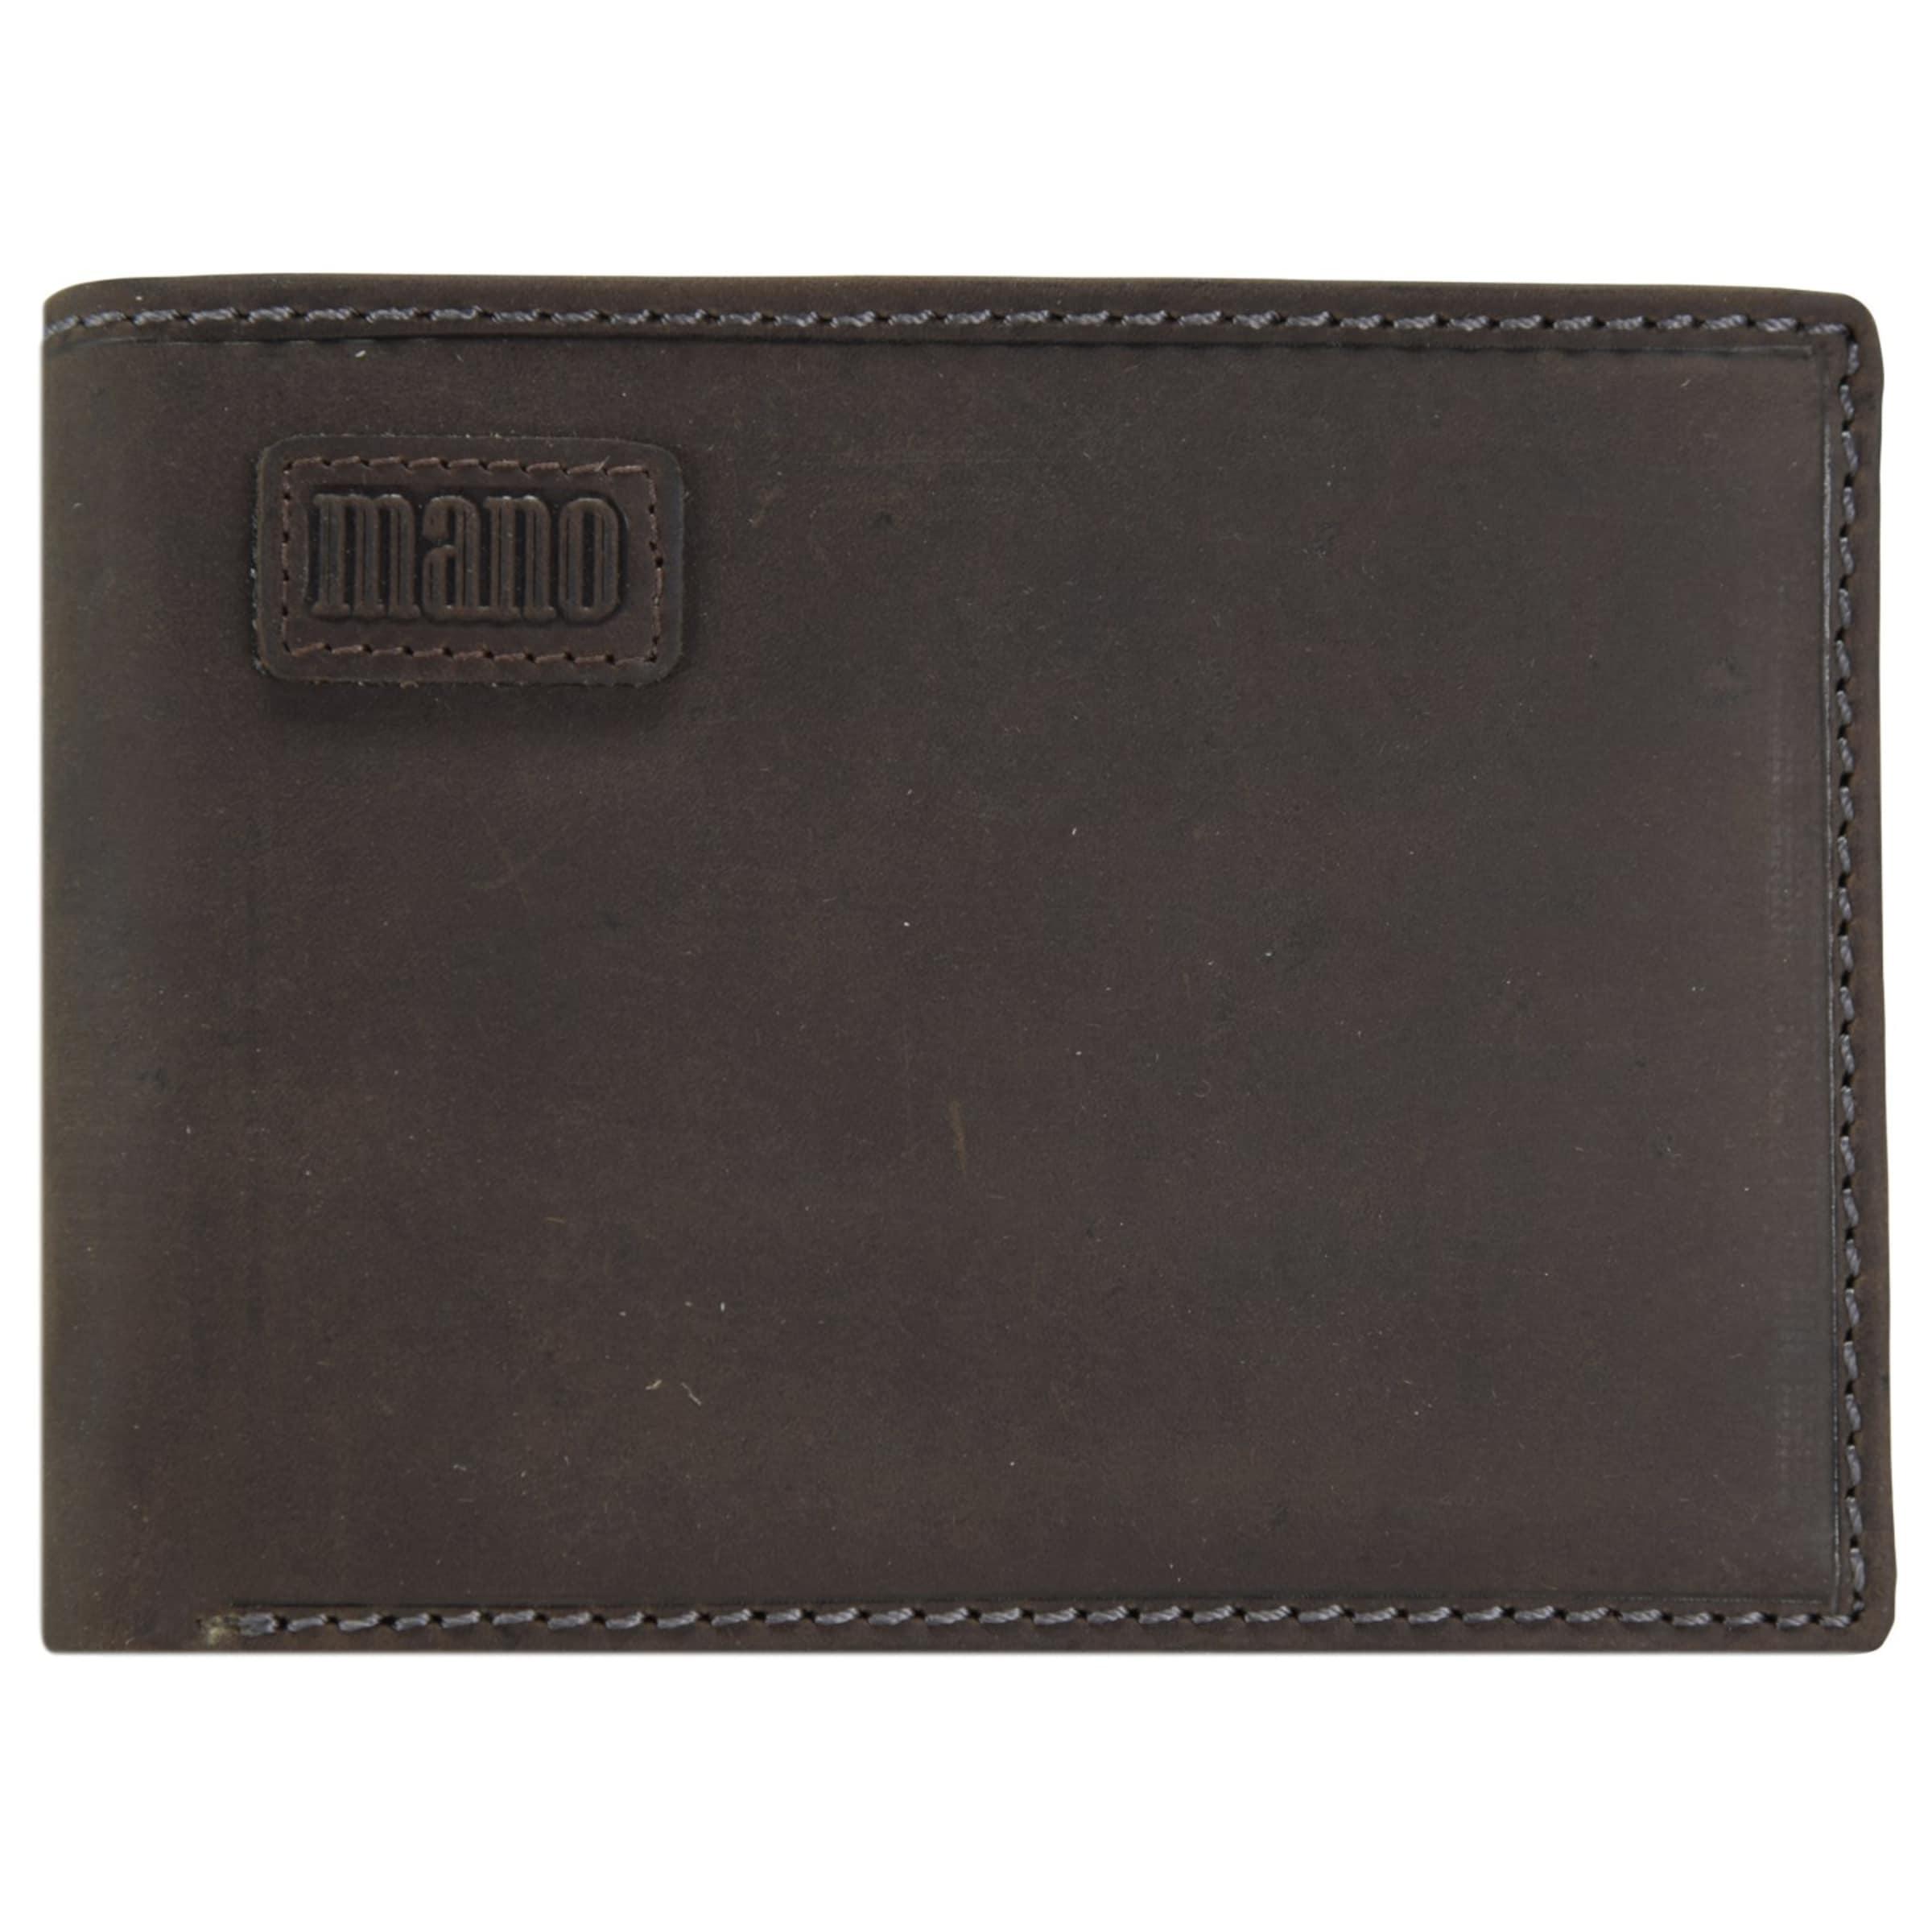 'nota' Geldbörse Geldbörse Mano Mano Mano 'nota' 'nota' In Geldbörse Dunkelbraun In Dunkelbraun T3FK1clJ